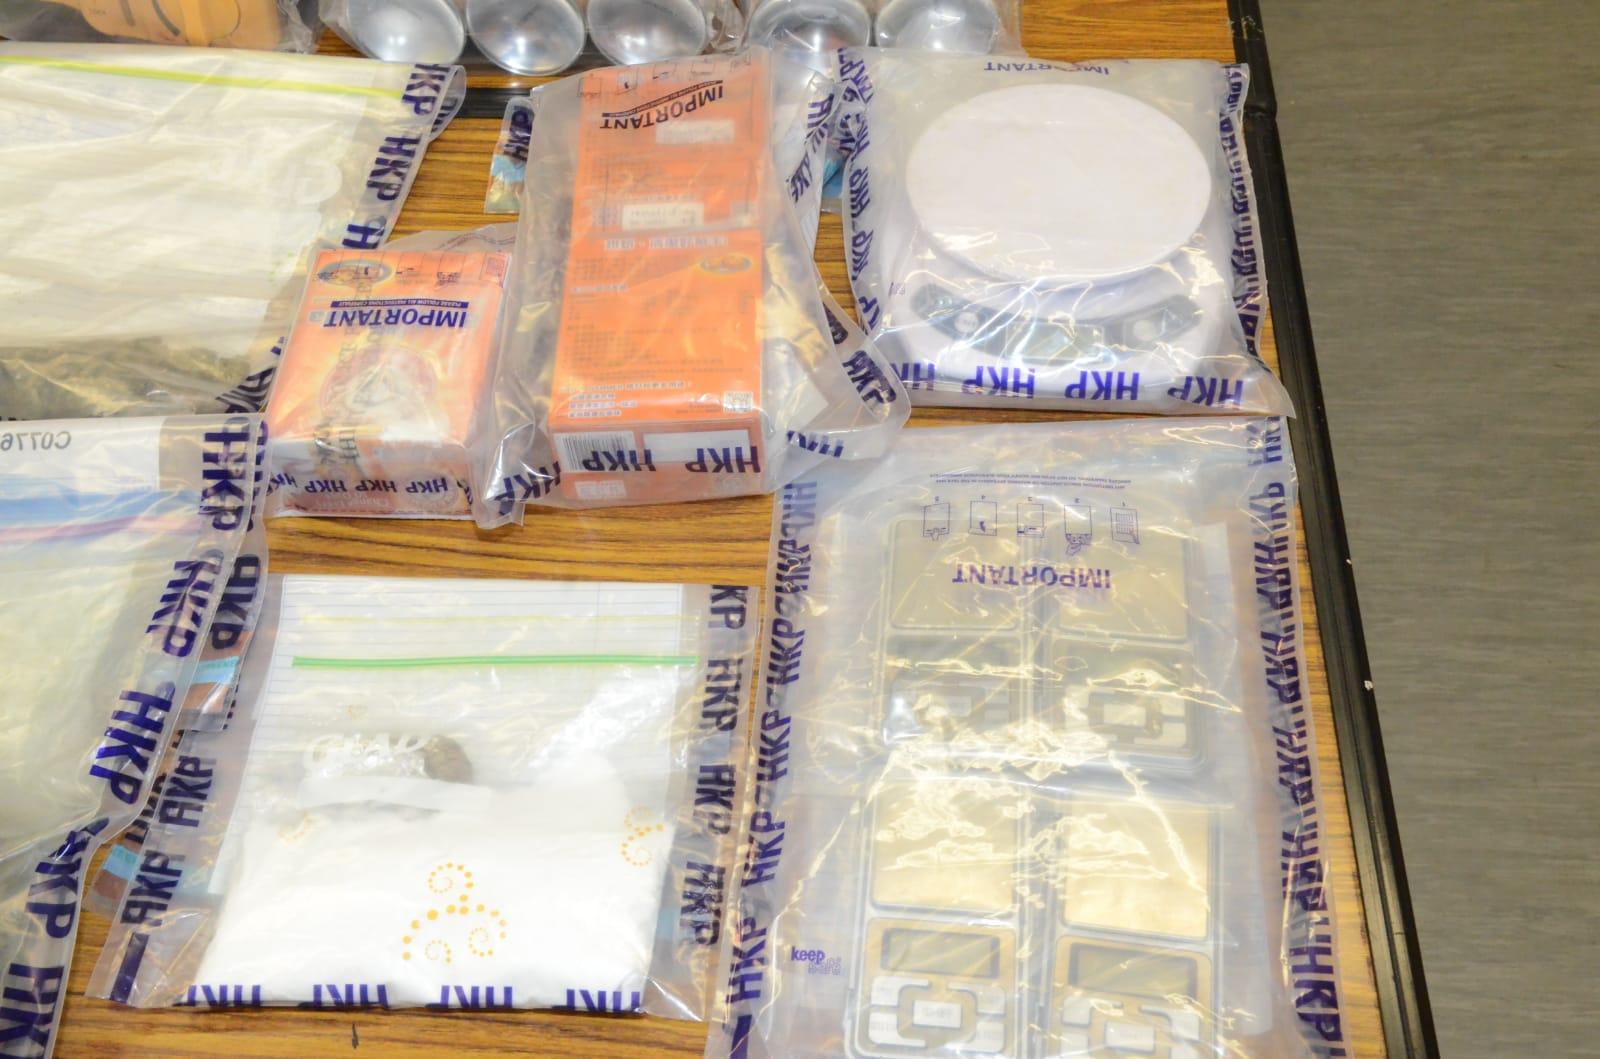 警方搜出毒品及工具